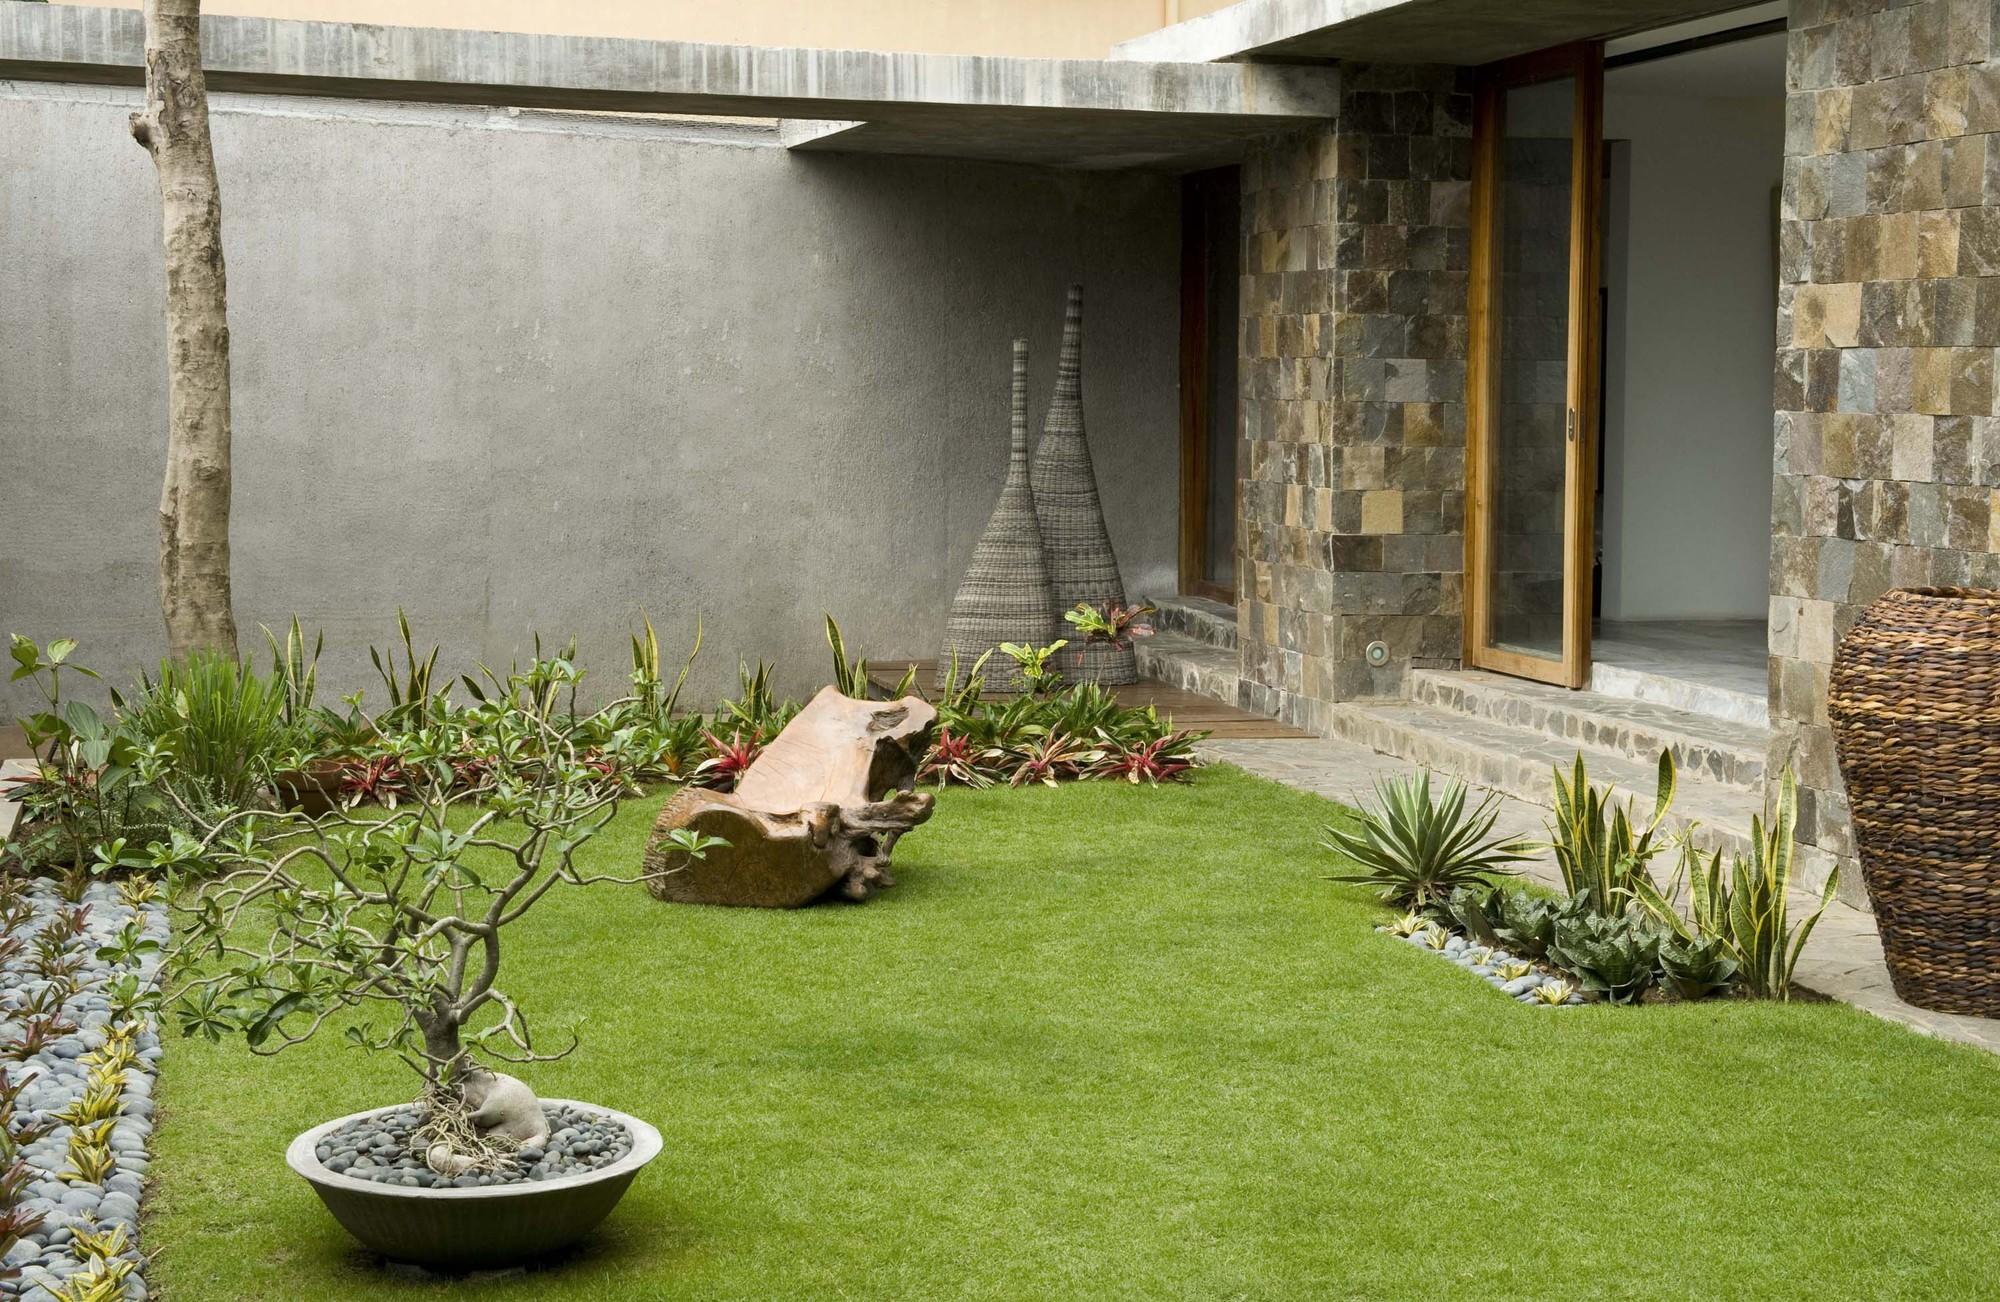 fotos jardins rusticos:Diseño de casa rústica, aprende a decorar con materiales autóctonos